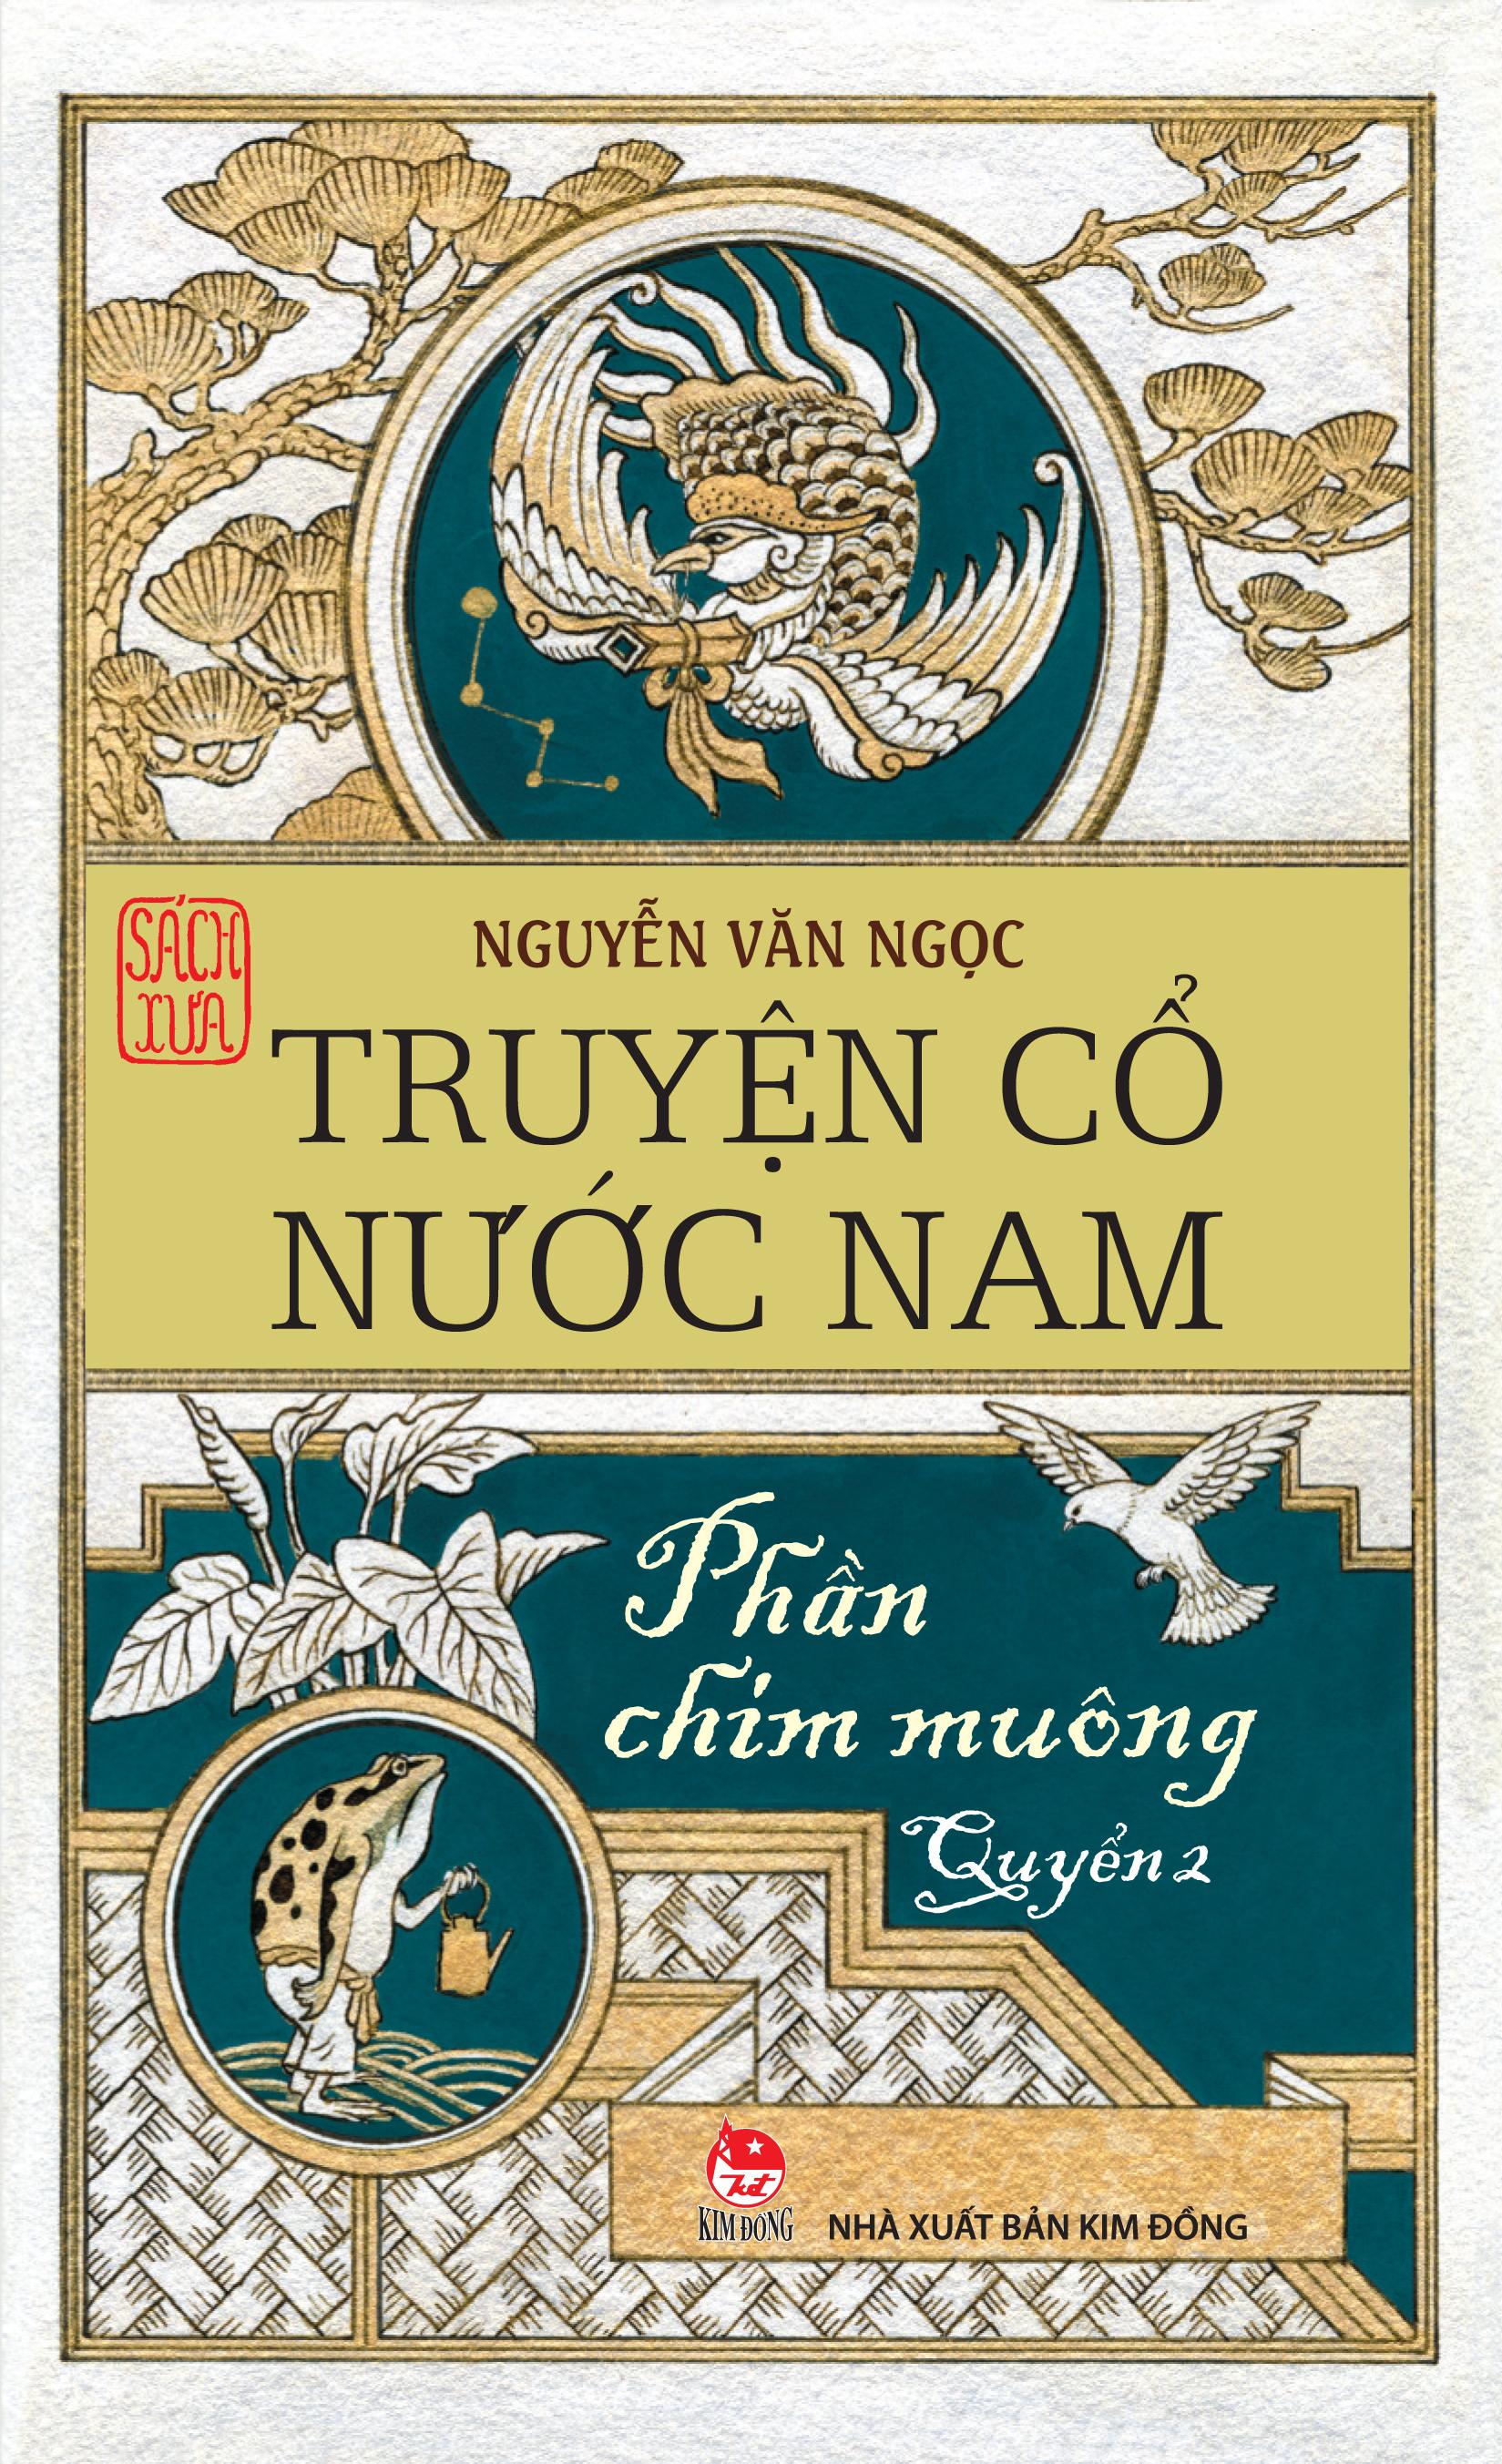 Truyện Cổ Nước Nam (Tập 2)